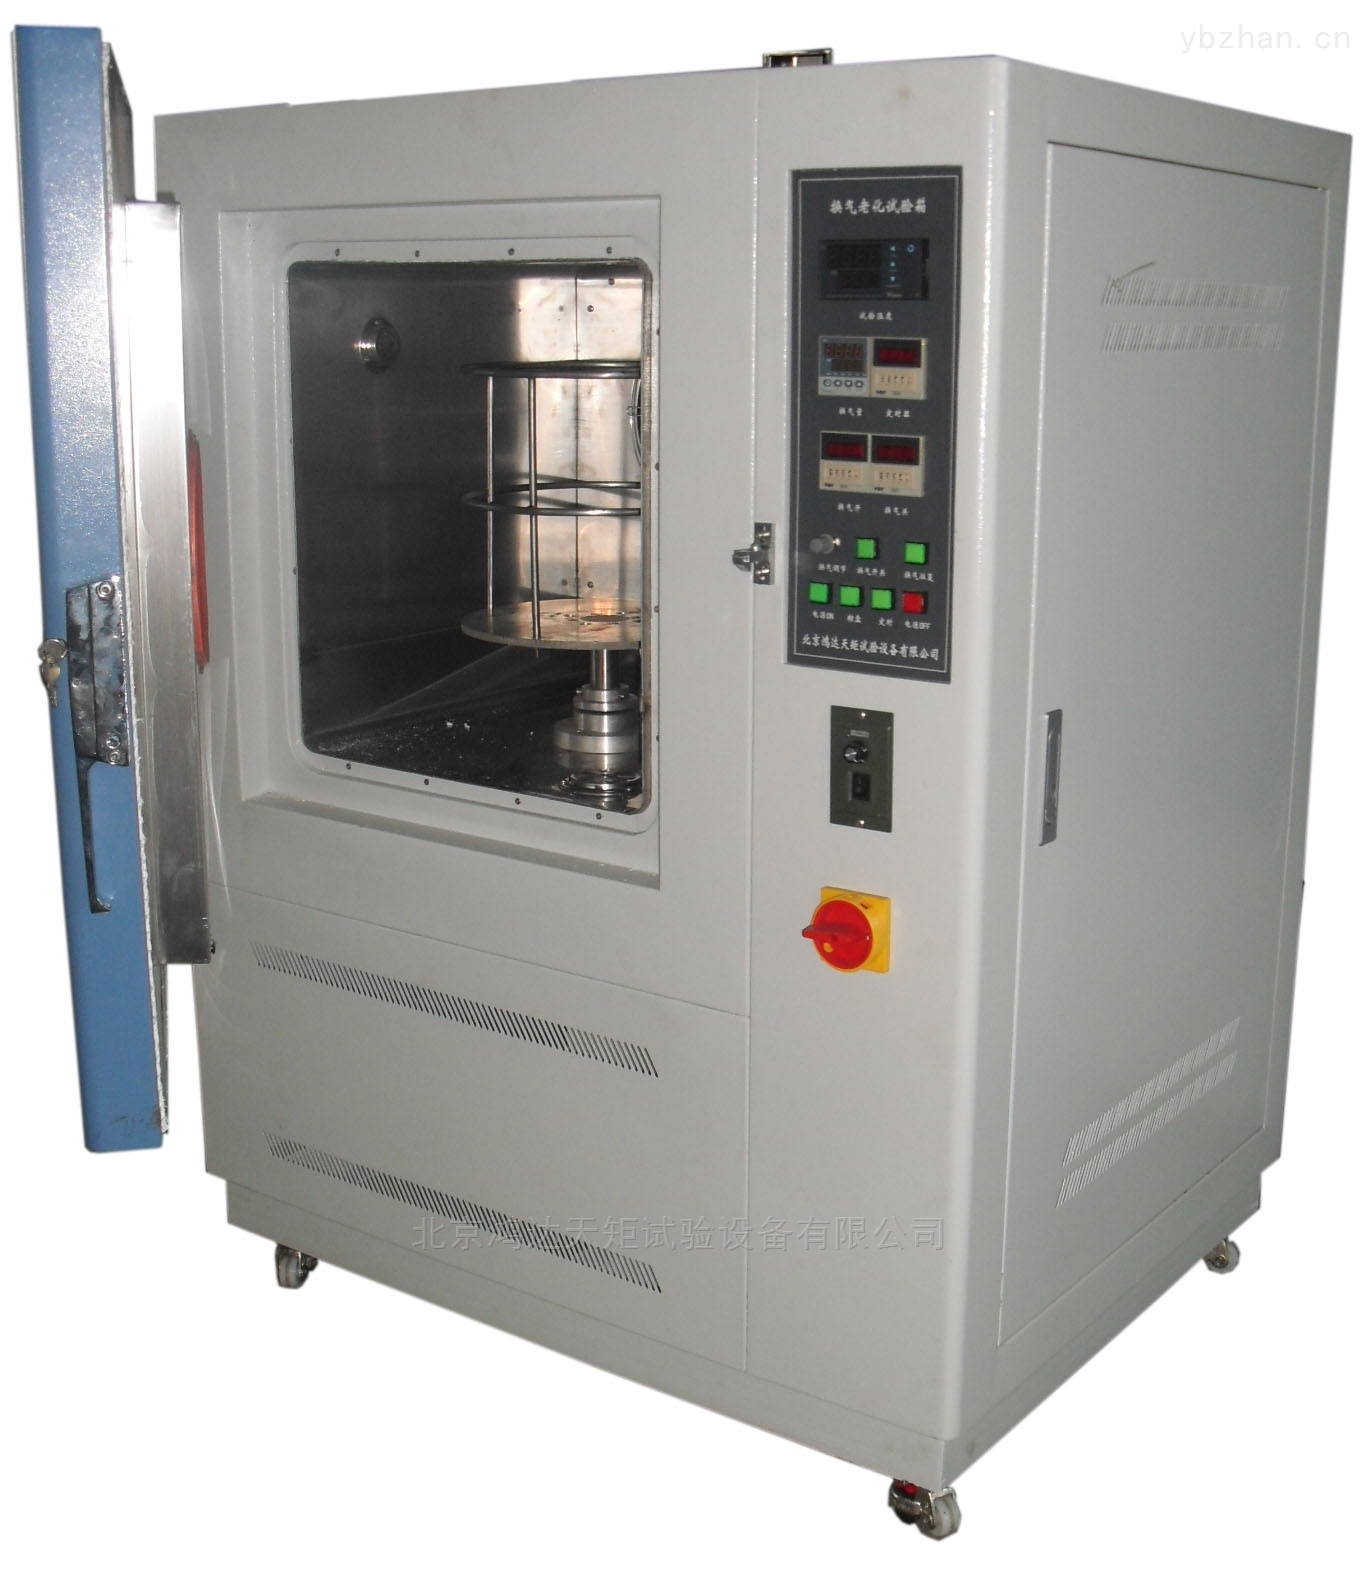 HT/QLH-500-北京鸿达天矩换气老化试验箱